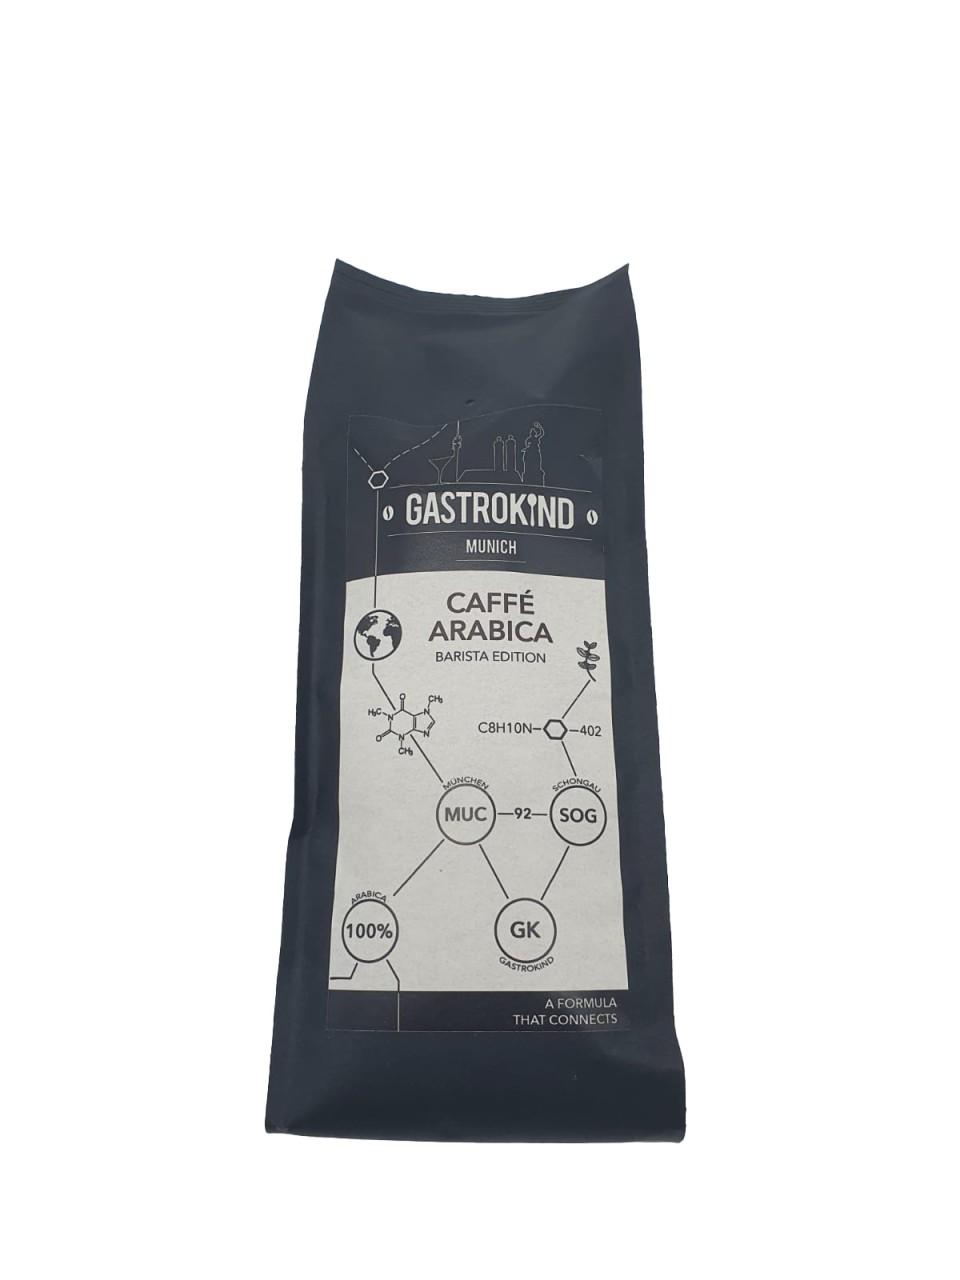 Gastrokind Caffé Arabica Barista Edition 500 g Bohne